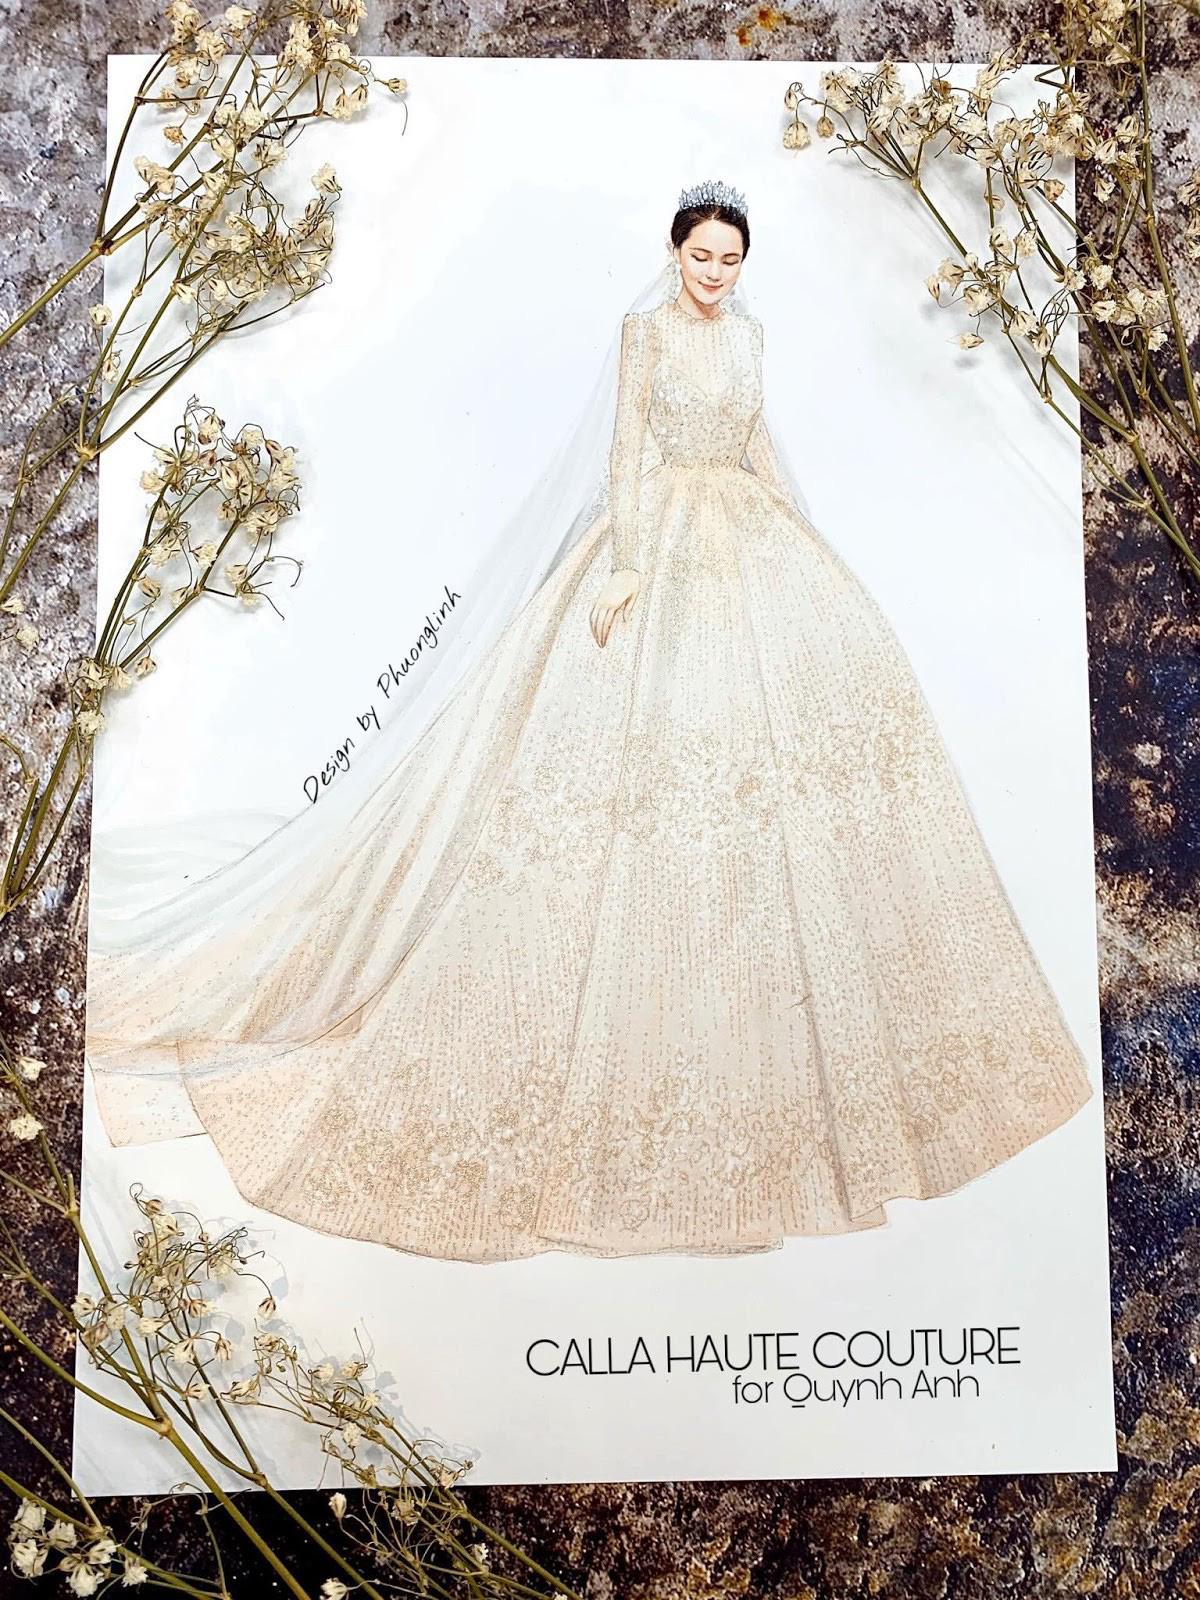 """NTK Phương Linh gây bất ngờ cho """"công chúa béo"""" của Duy Mạnh khi váy cưới đẹp hơn cả bản thiết kế - Ảnh 1."""